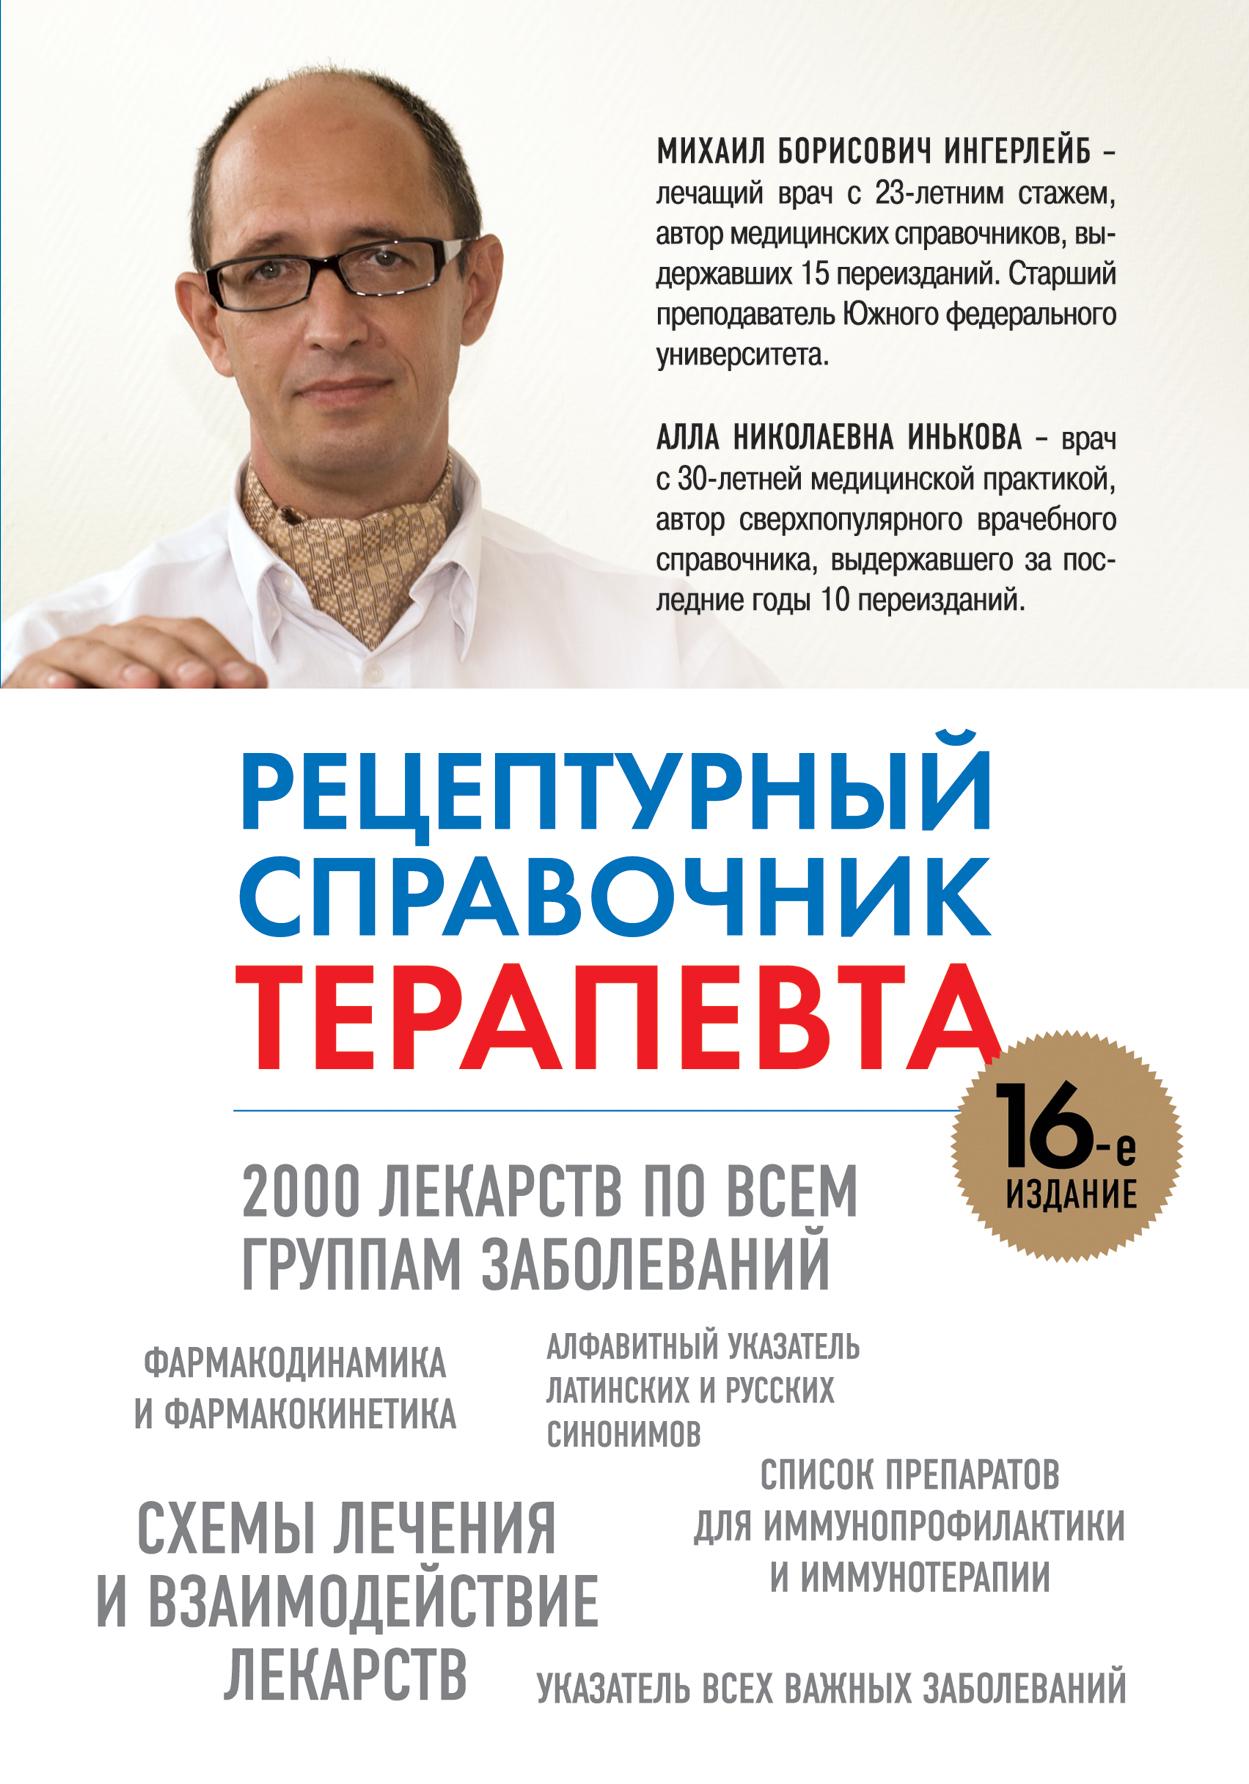 Рецептурный справочник терапевта, 16-ое издание ( Ингерлейб М.Б., Инькова А.Н.  )